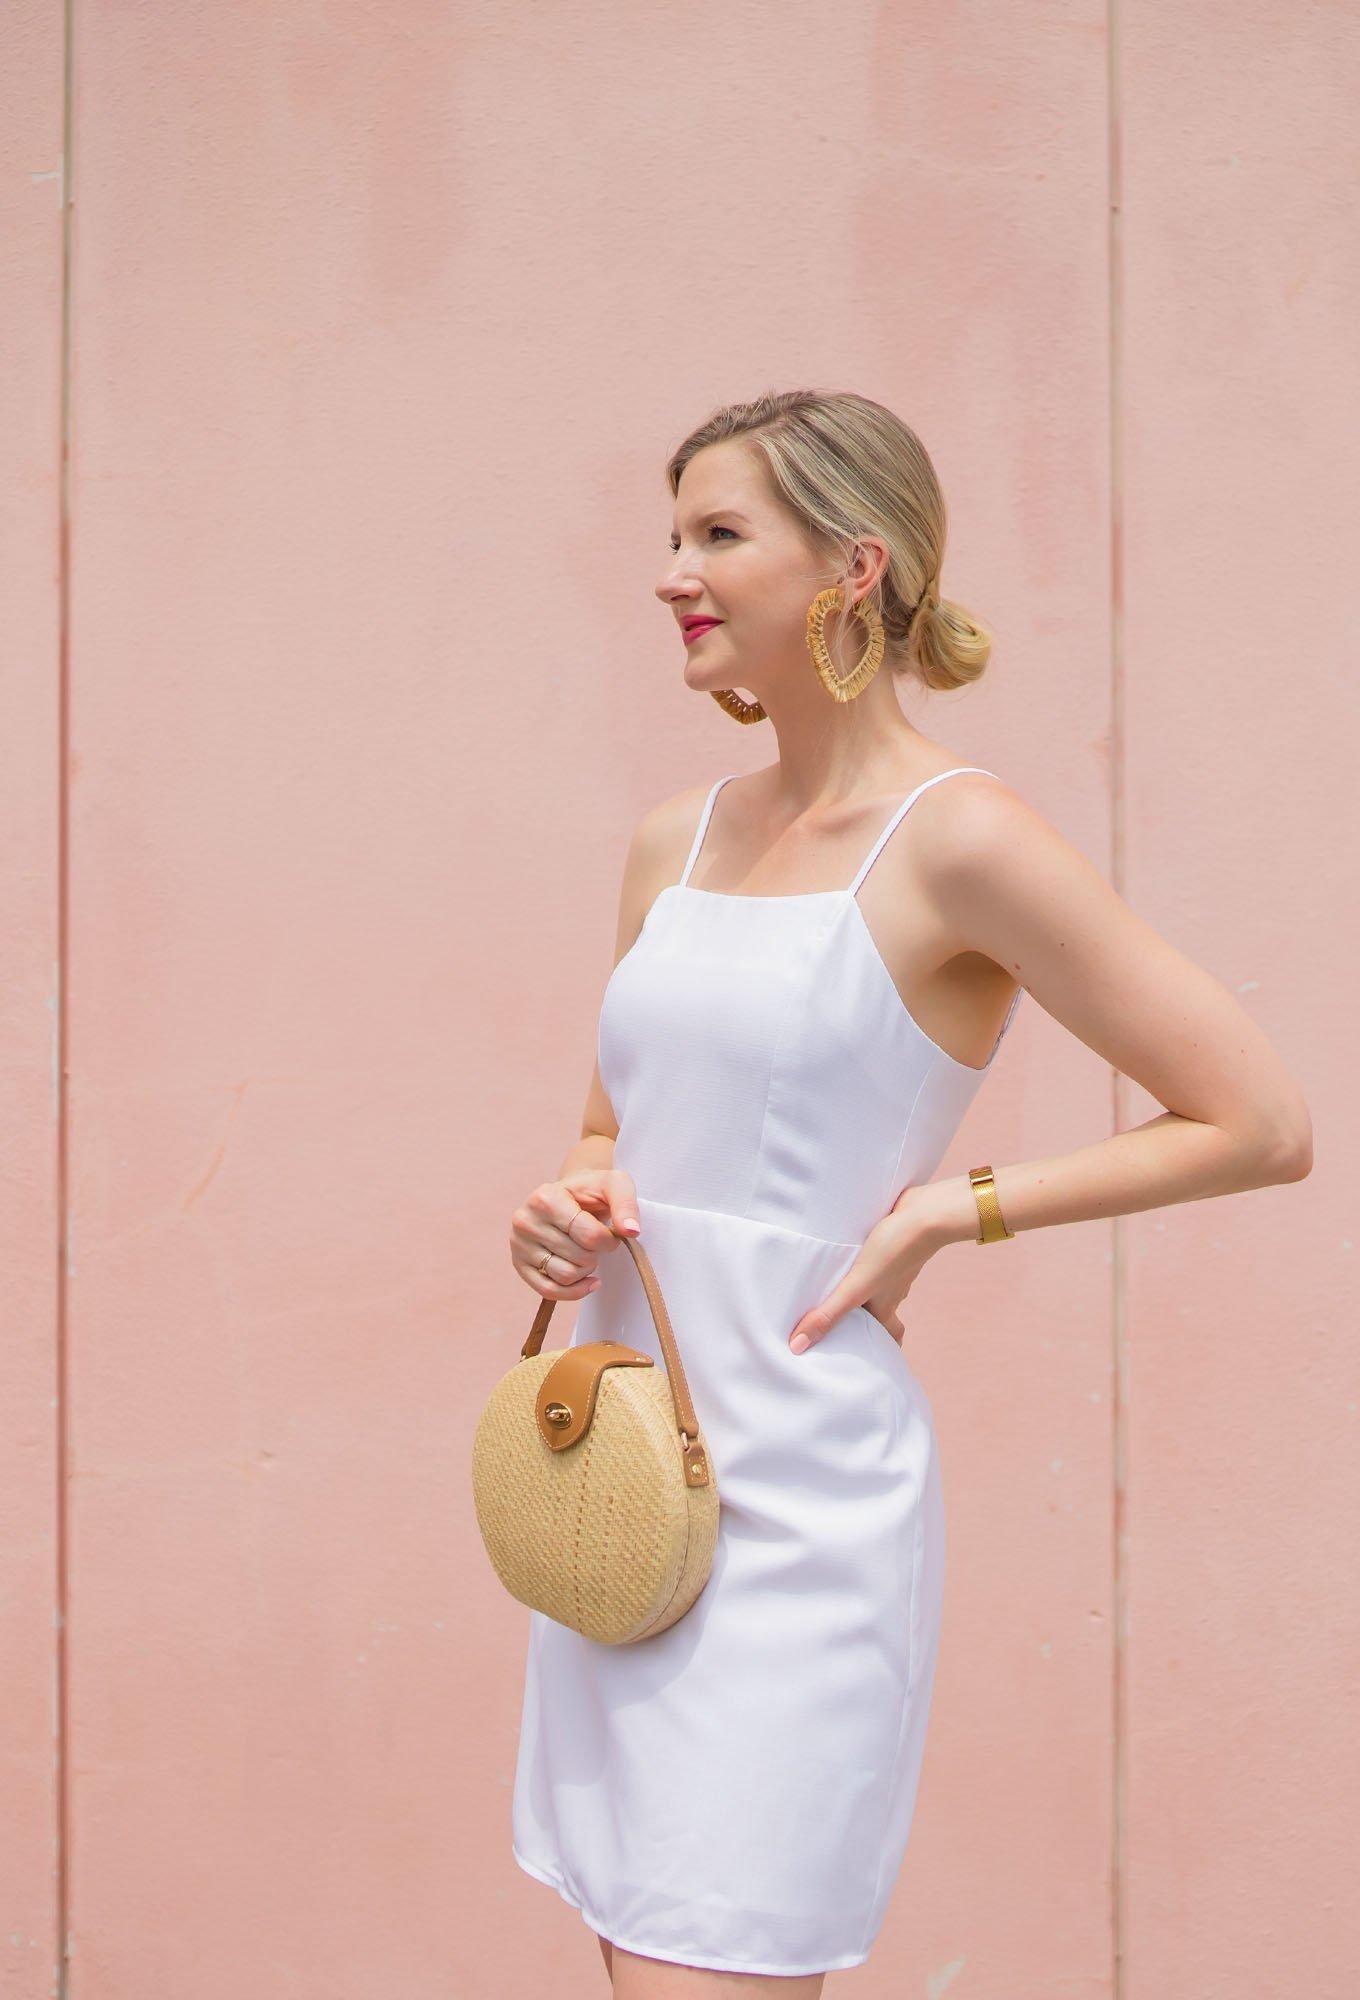 White Summer Dress under $20 - Ashley Brooke - www.ashleybrookedesigns.com 2 v